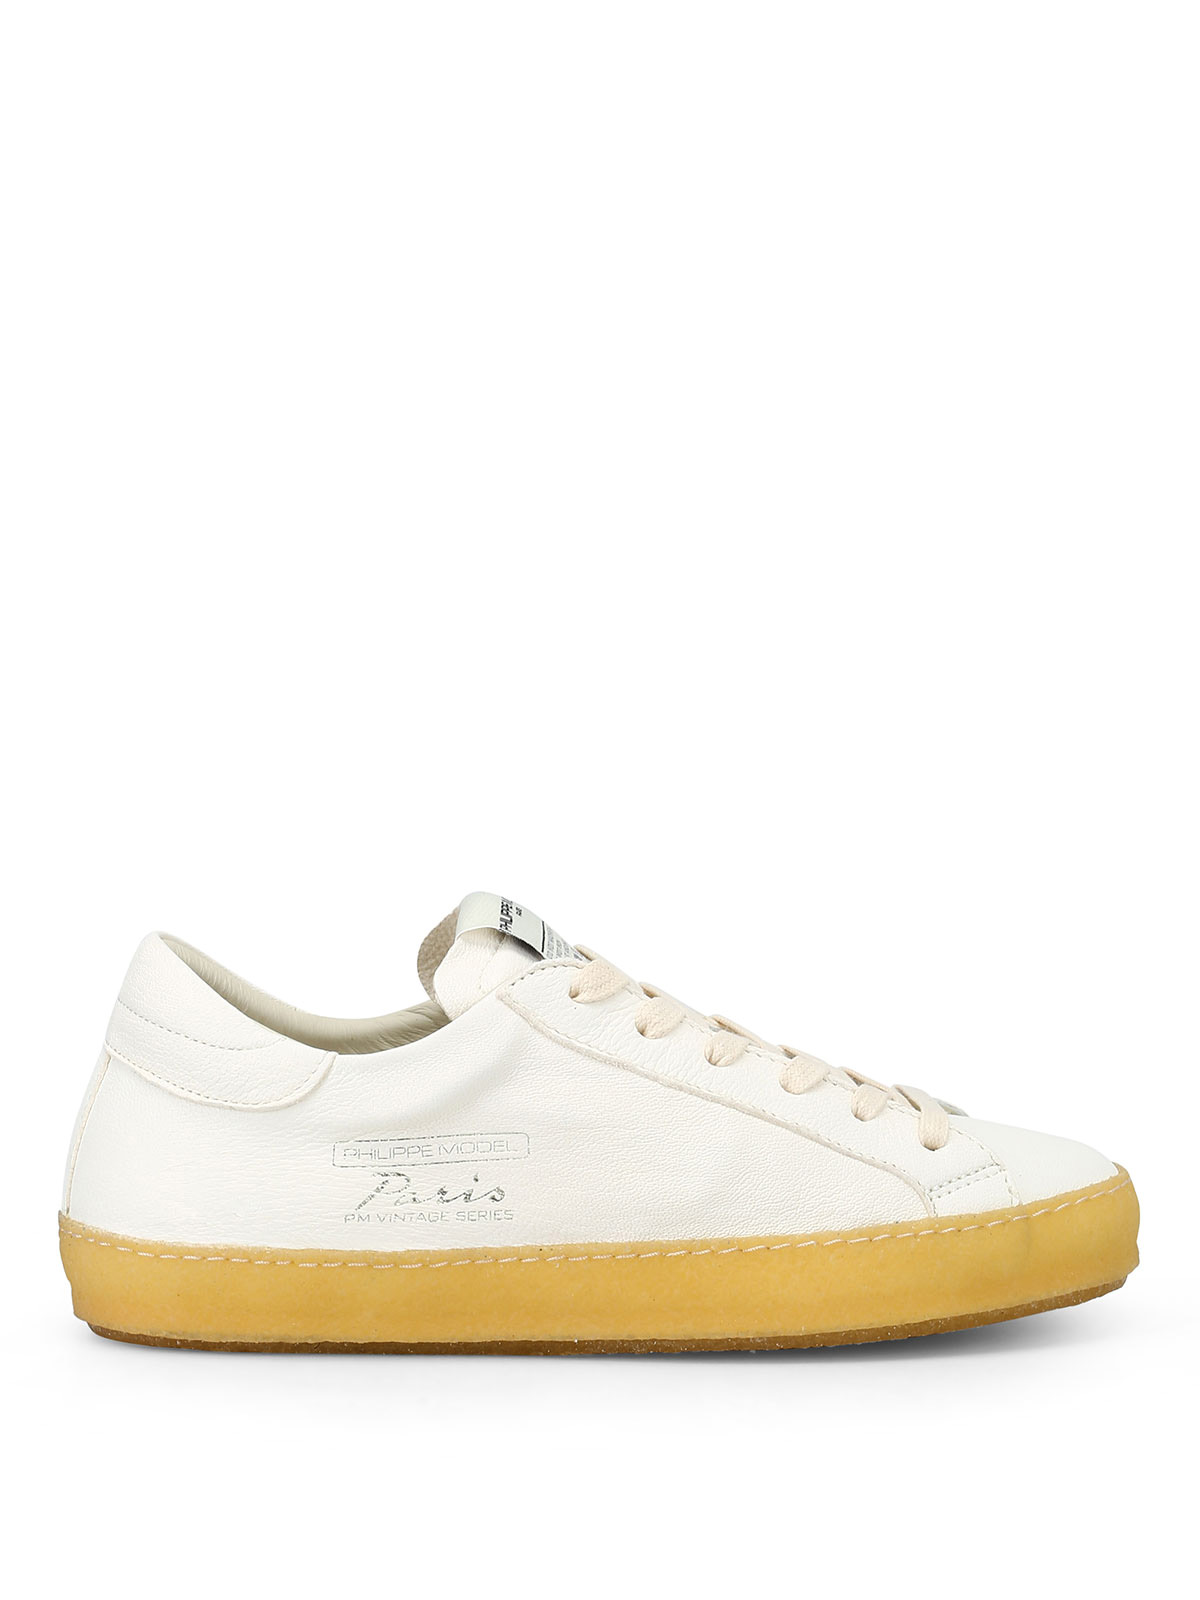 Paris Vintage white soft leather